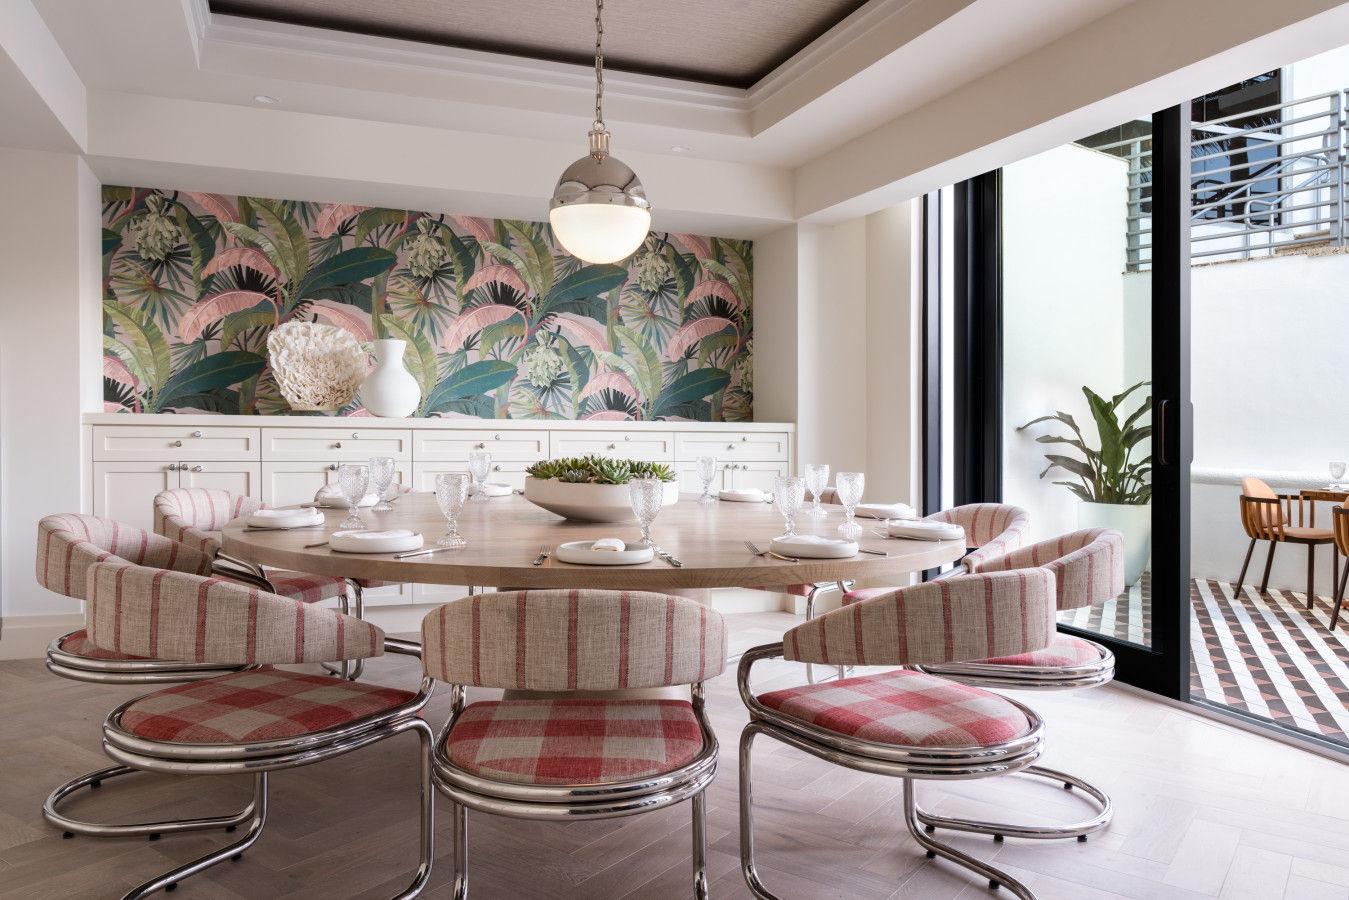 Fuego y Mar Private Dining Room